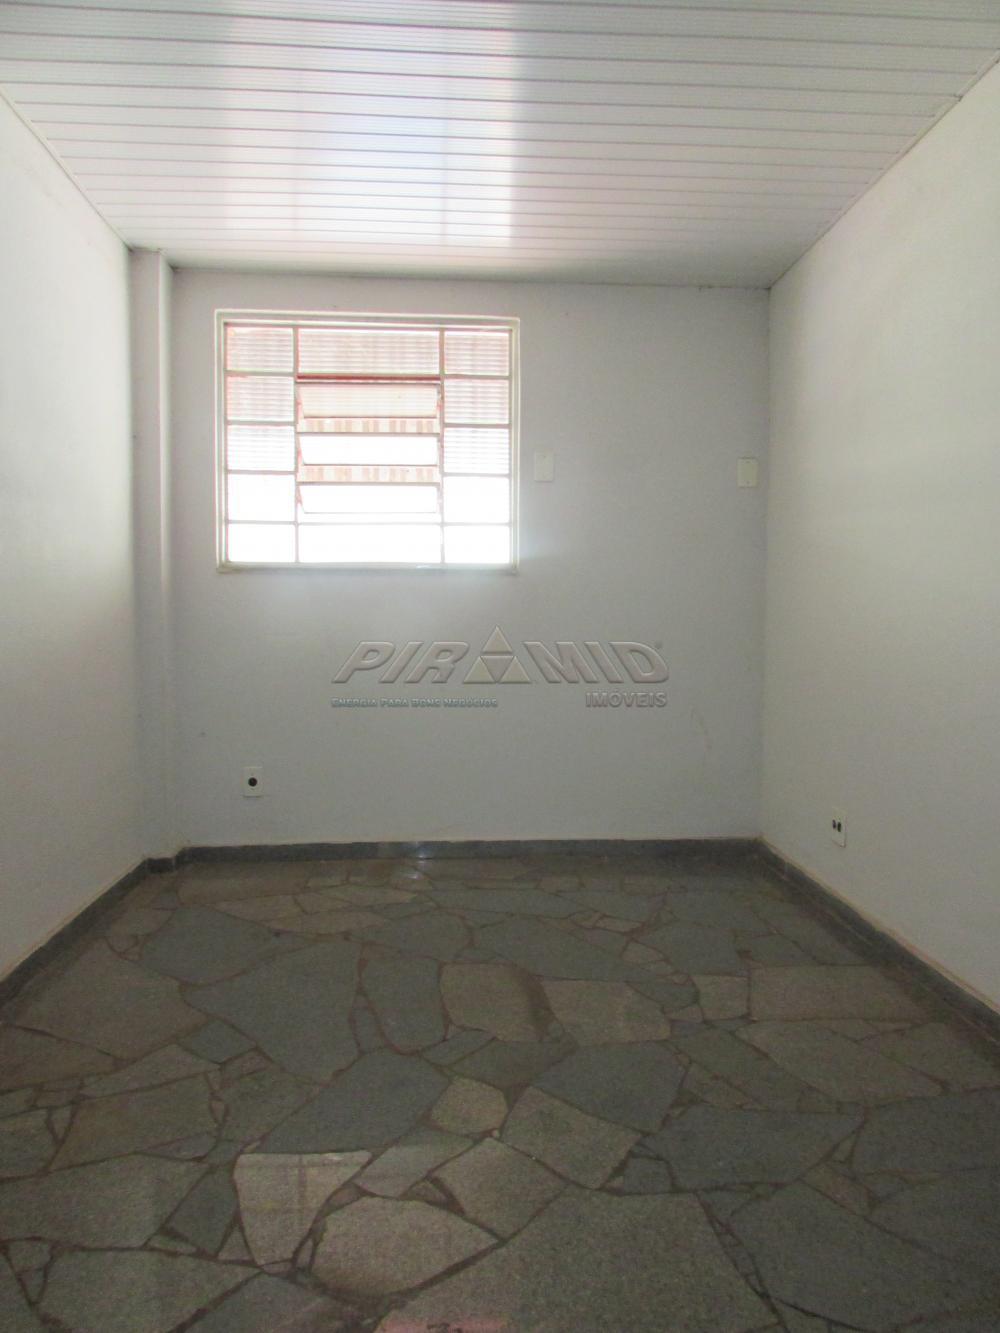 Alugar Comercial / Salão em Ribeirão Preto apenas R$ 10.000,00 - Foto 8